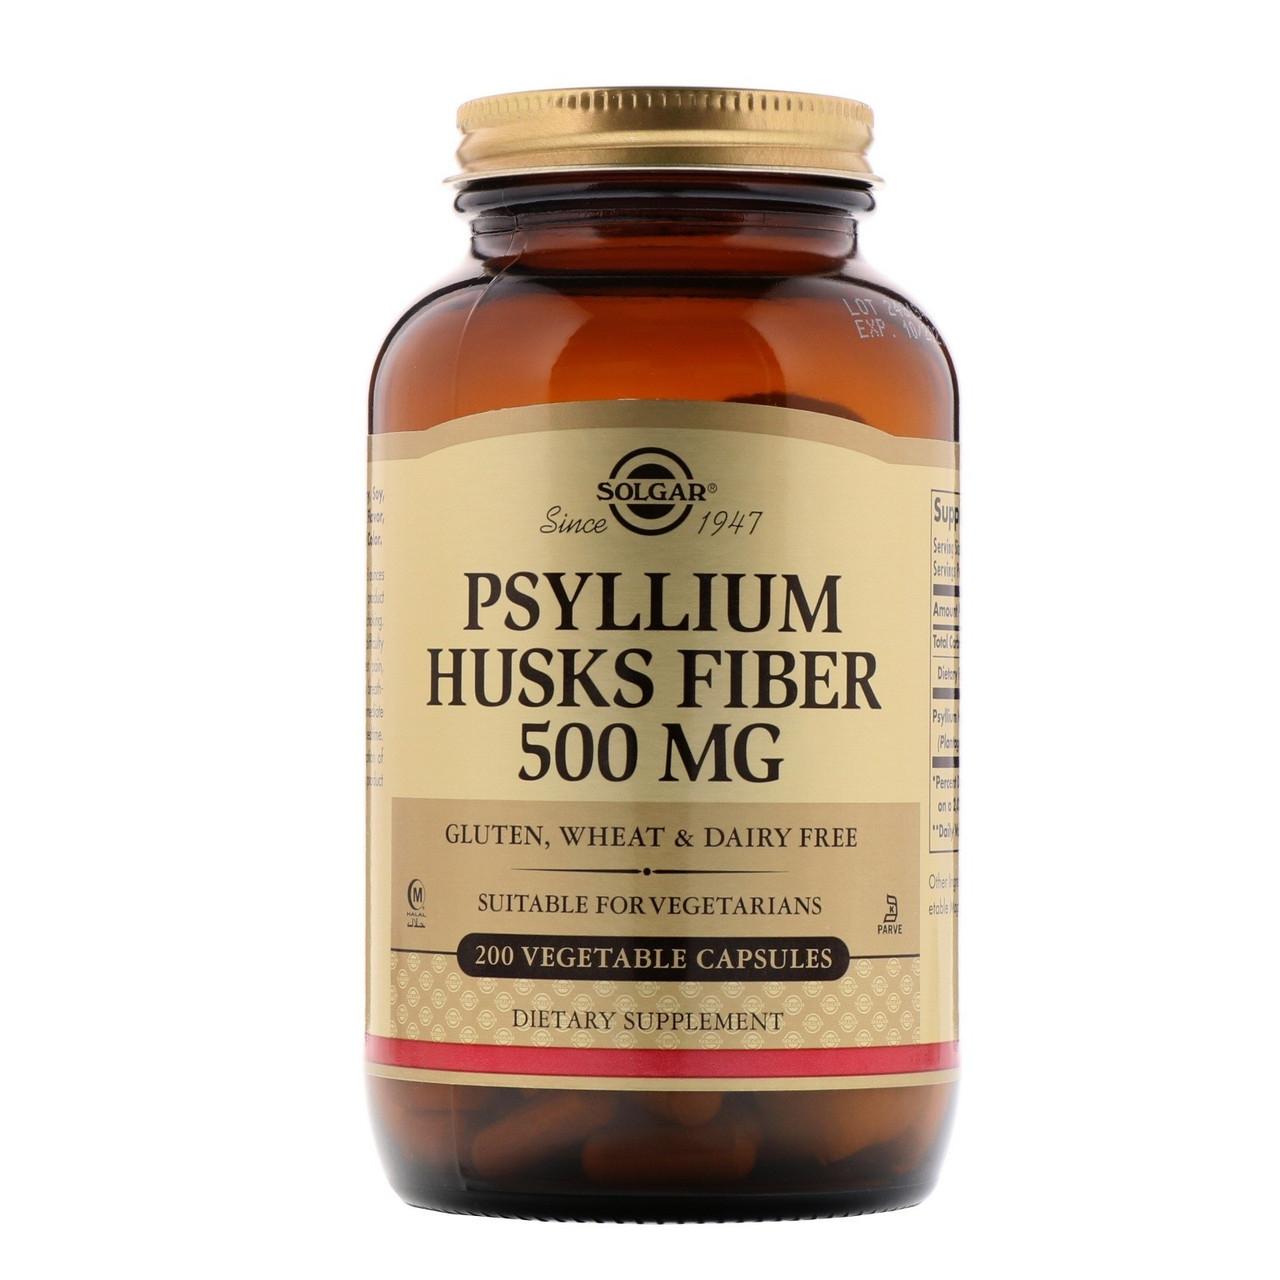 Биологически Активные Добавки Солгар Псилиум, клетчатка листьев 500 мг 200 капсул Solgar Psyllium Husks Fiber